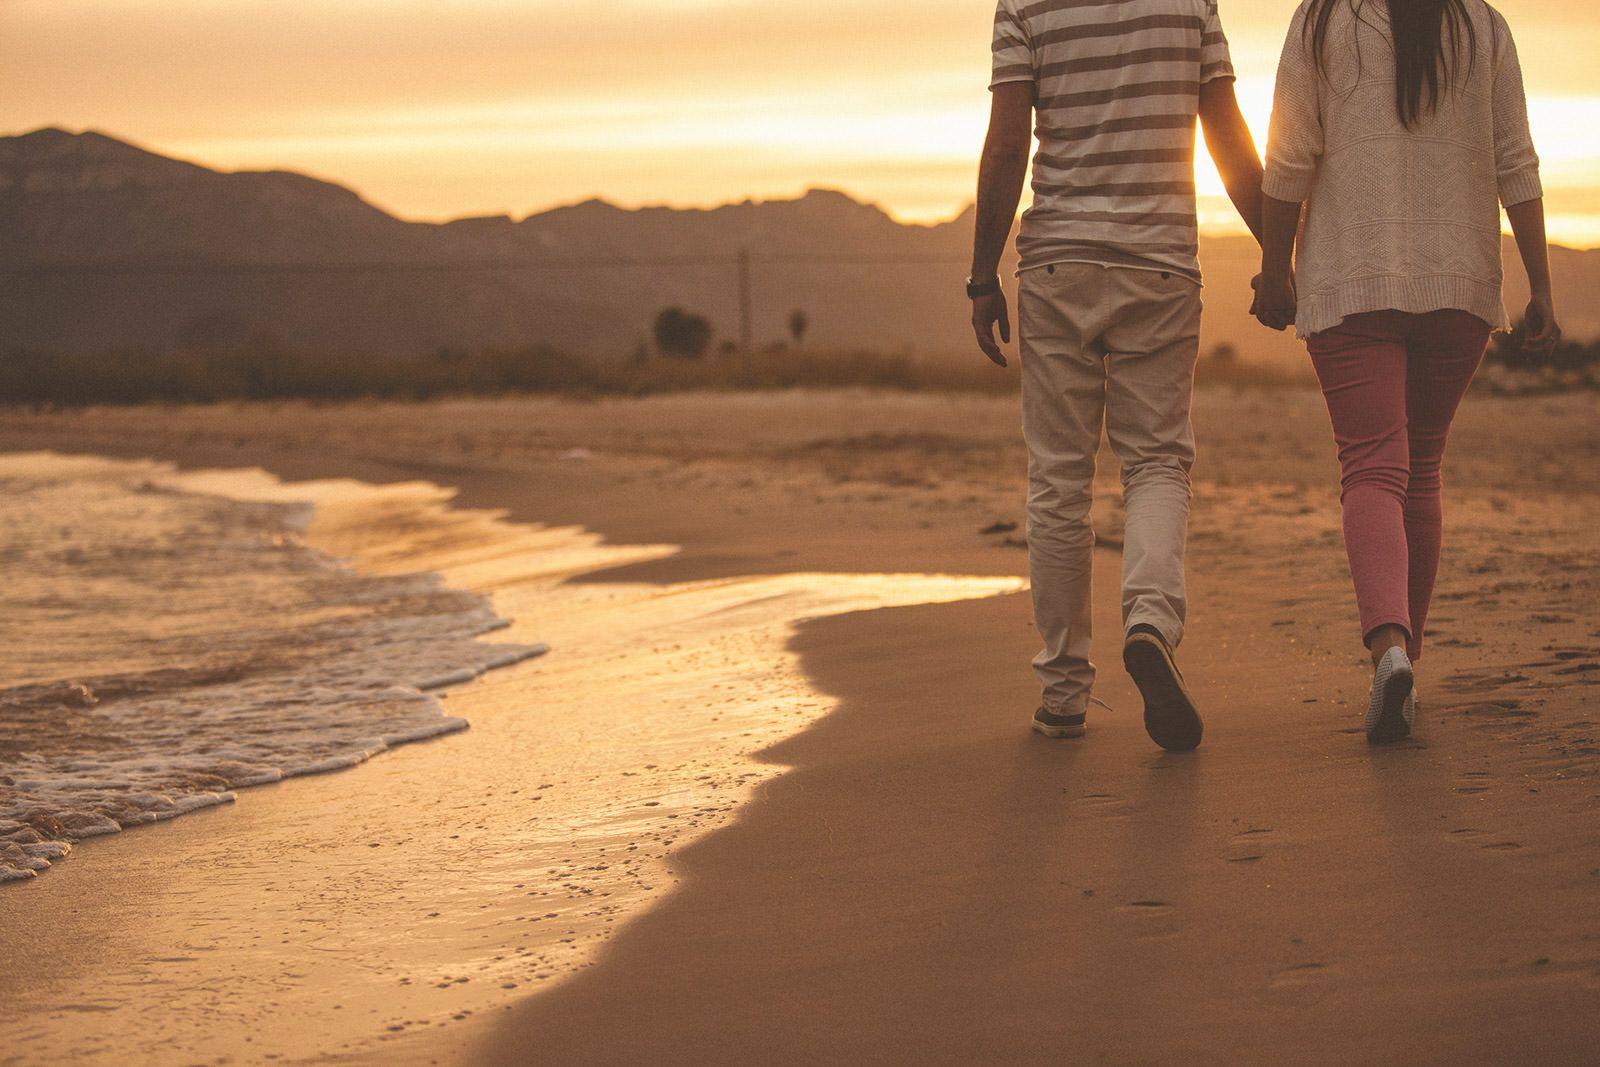 Fotografia Preboda en la playa Gandia- Santi Miquel - Fotografo de boda - 001